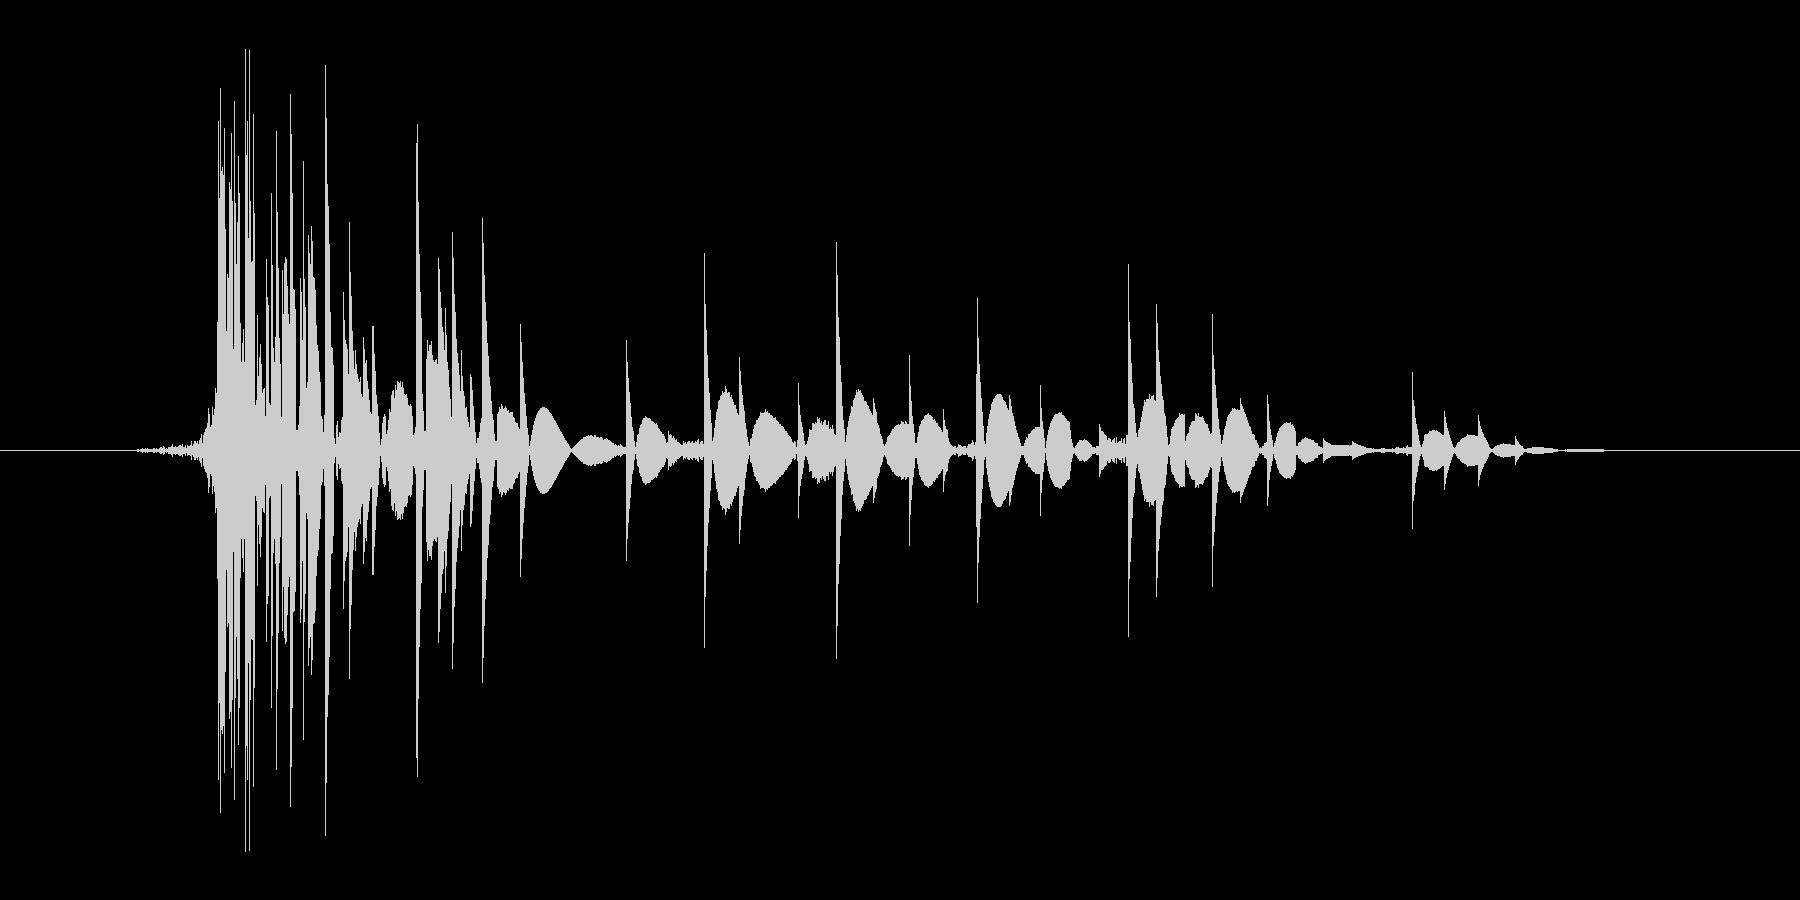 ゲーム(ファミコン風)爆発音_007の未再生の波形